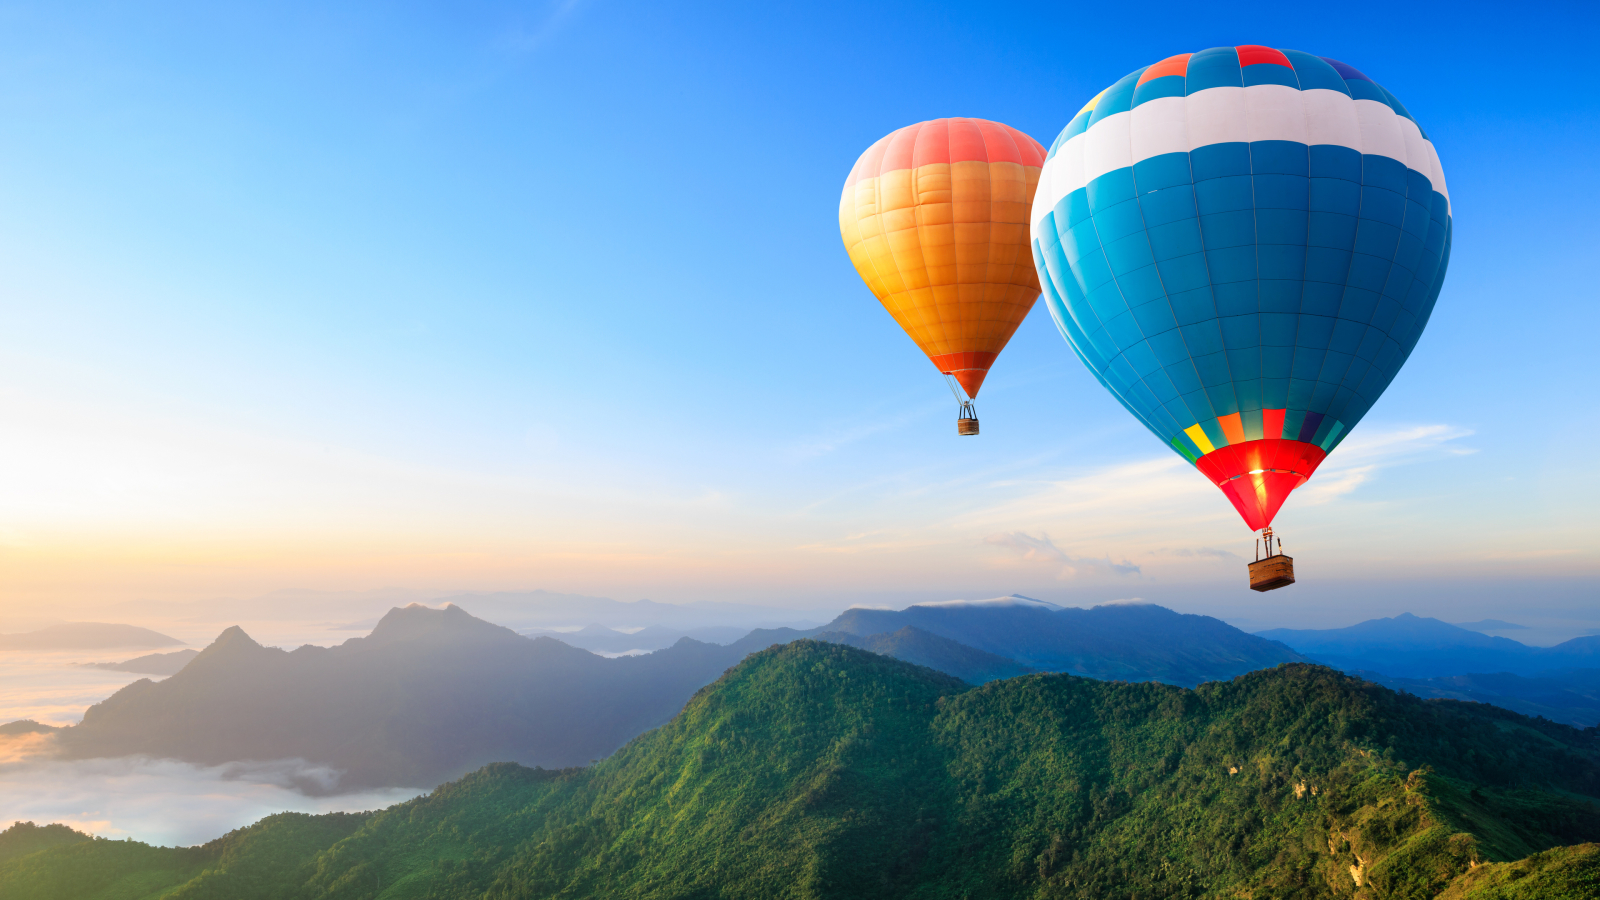 воздушный шар доброе утро картинки энергия